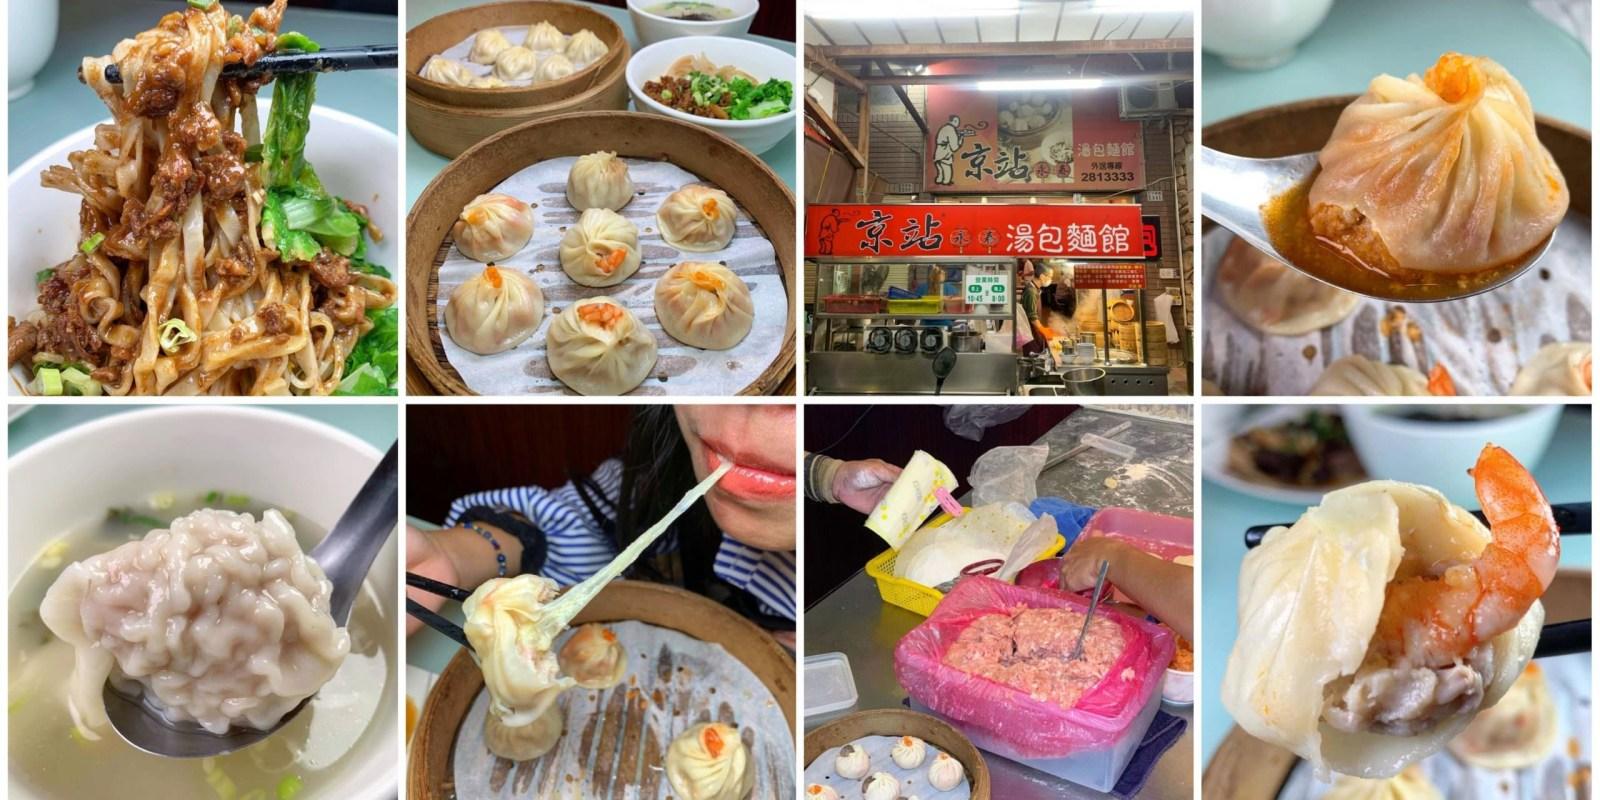 [嘉義美食] 京站永春湯包麵館 - 現點現包!鮮美蟹黃的湯包和牽絲的起司湯包